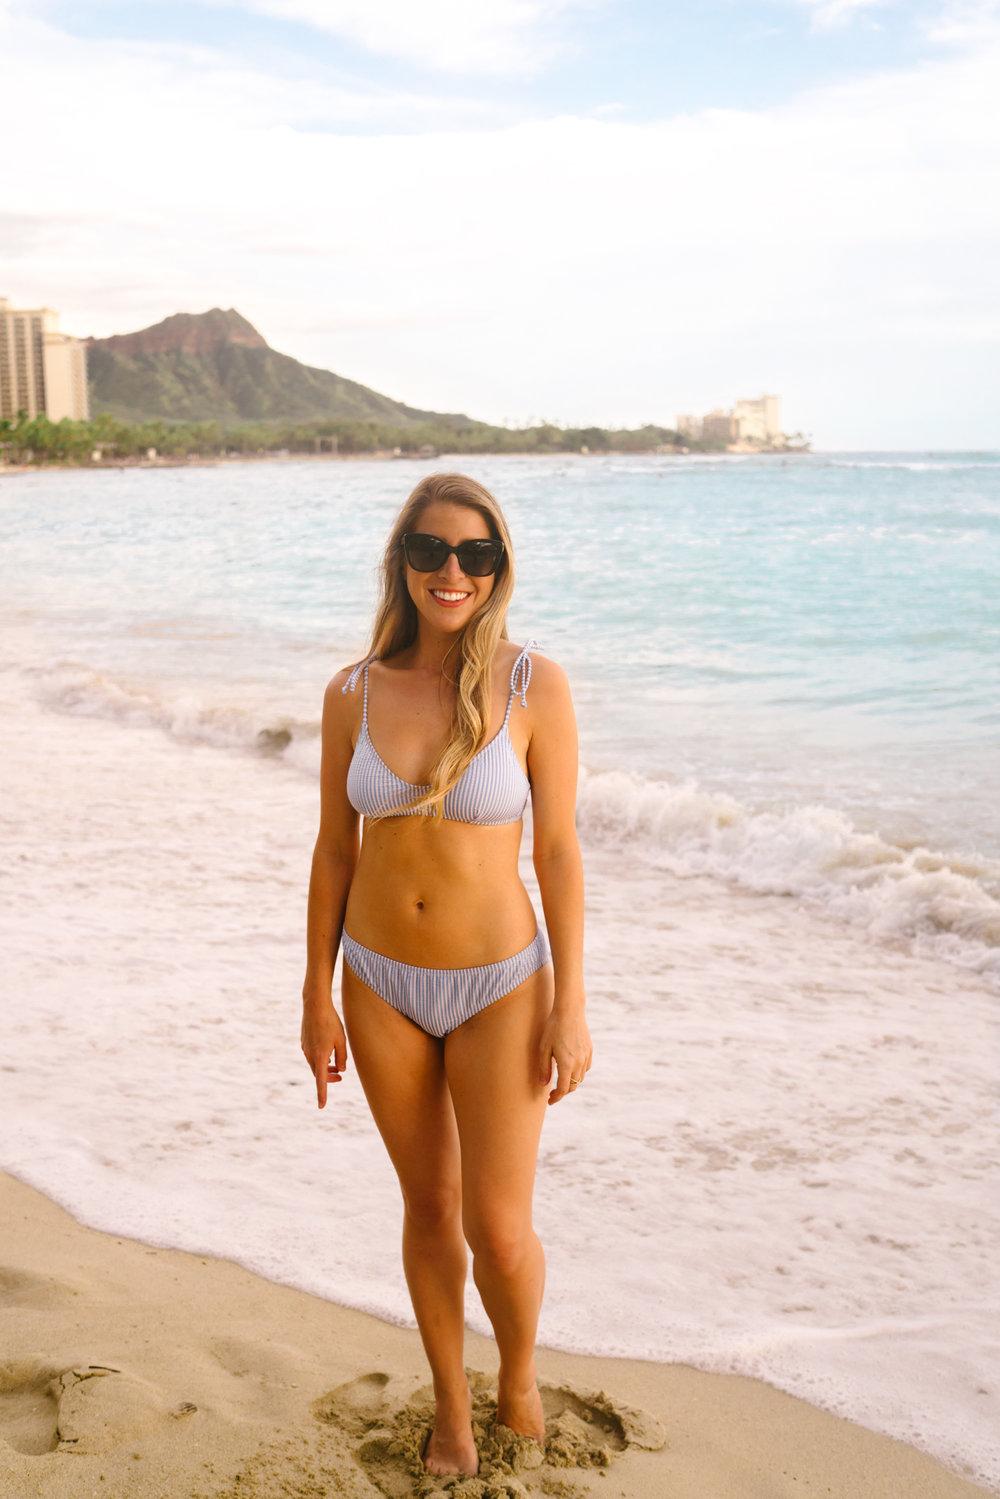 J.Crew Bikini